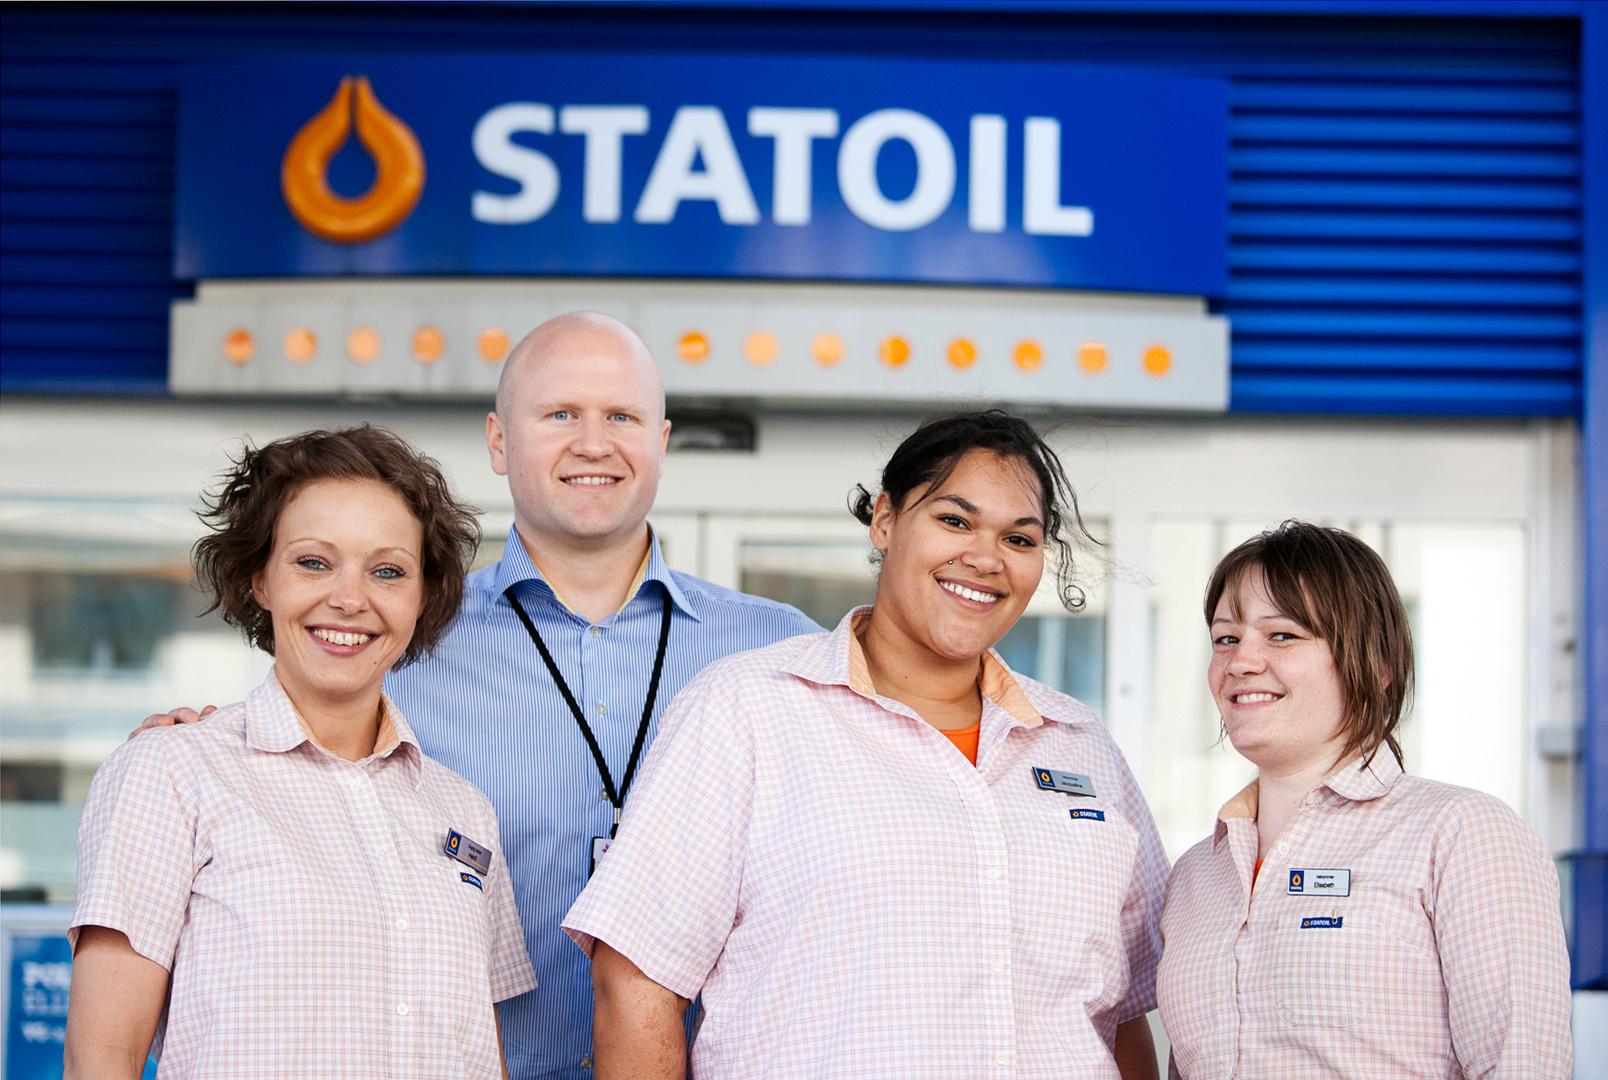 Statoil Retail